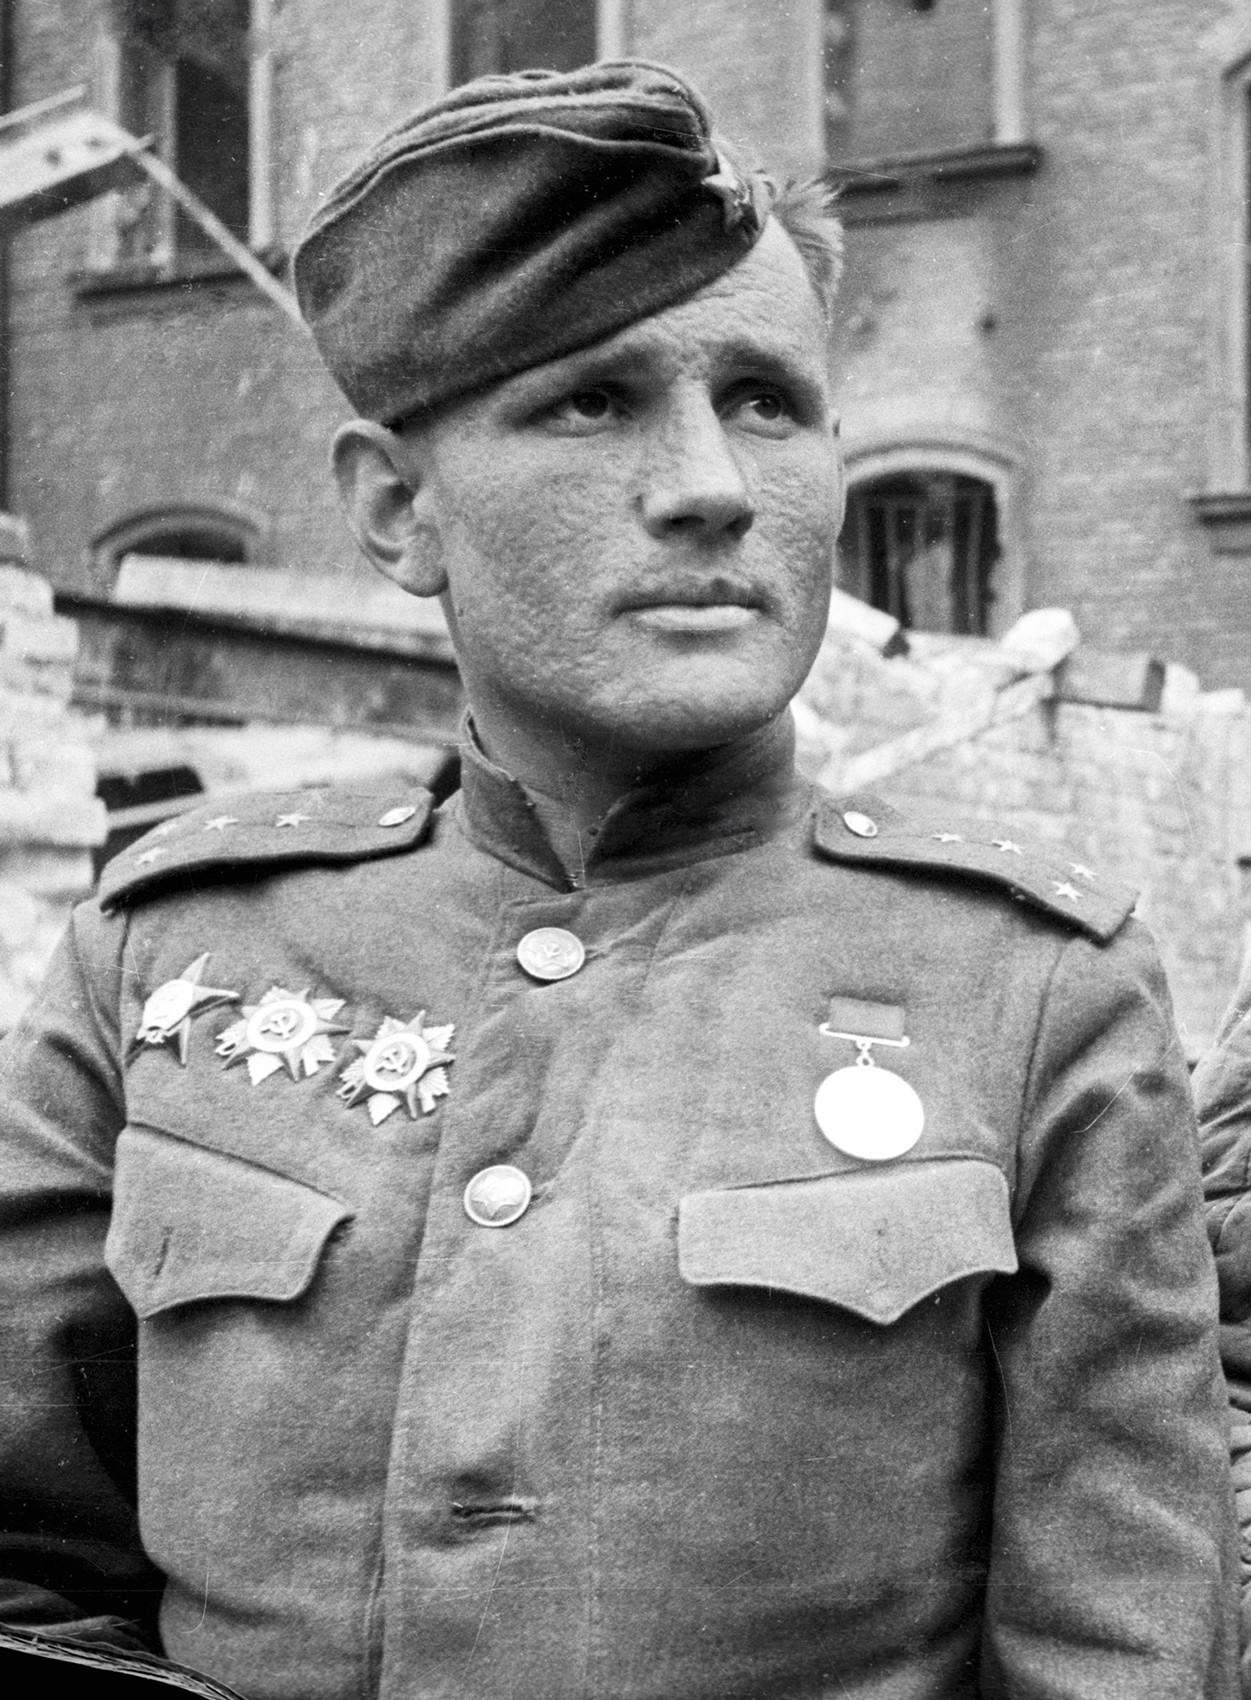 Степан Неустроев (1922-1998), советский офицер, командир 1-го батальона 756-го полка 150-й стрелковой дивизии. Его подразделение штурмовало Рейхстаг.